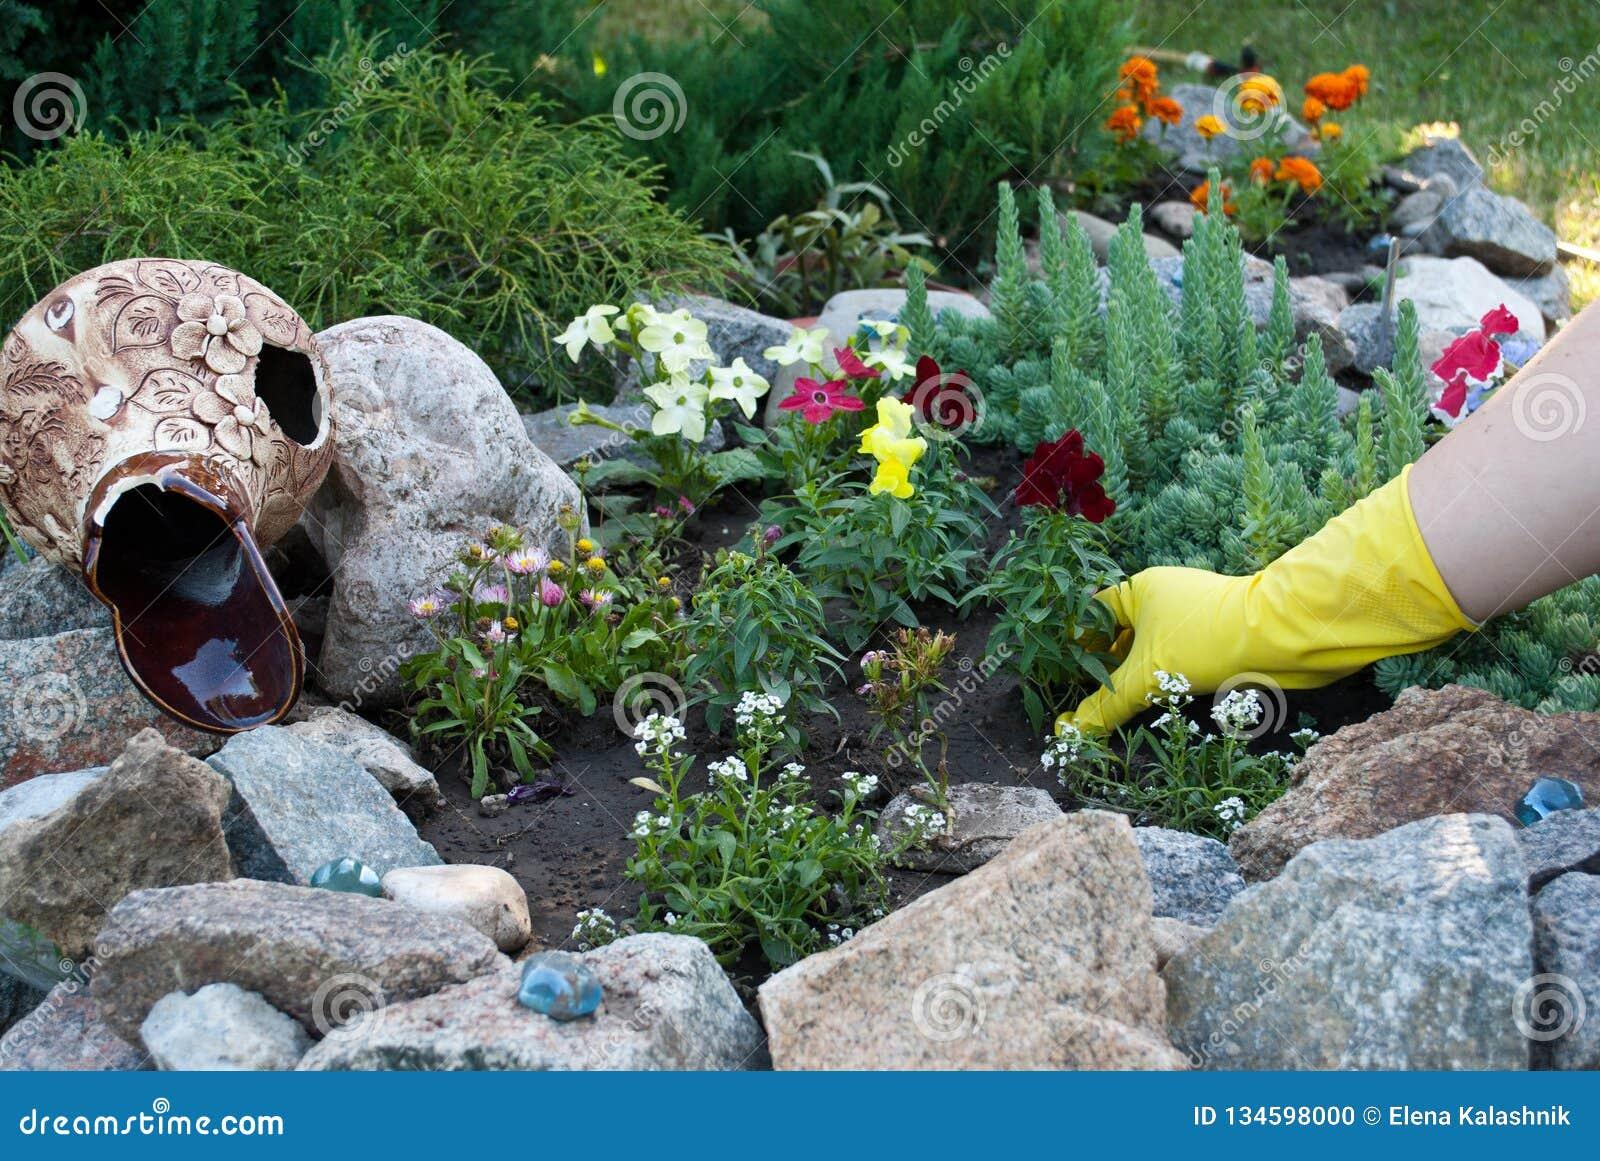 在黄色橡胶手套的手拿着花树苗,在地面地面上的春天工作,松开种植